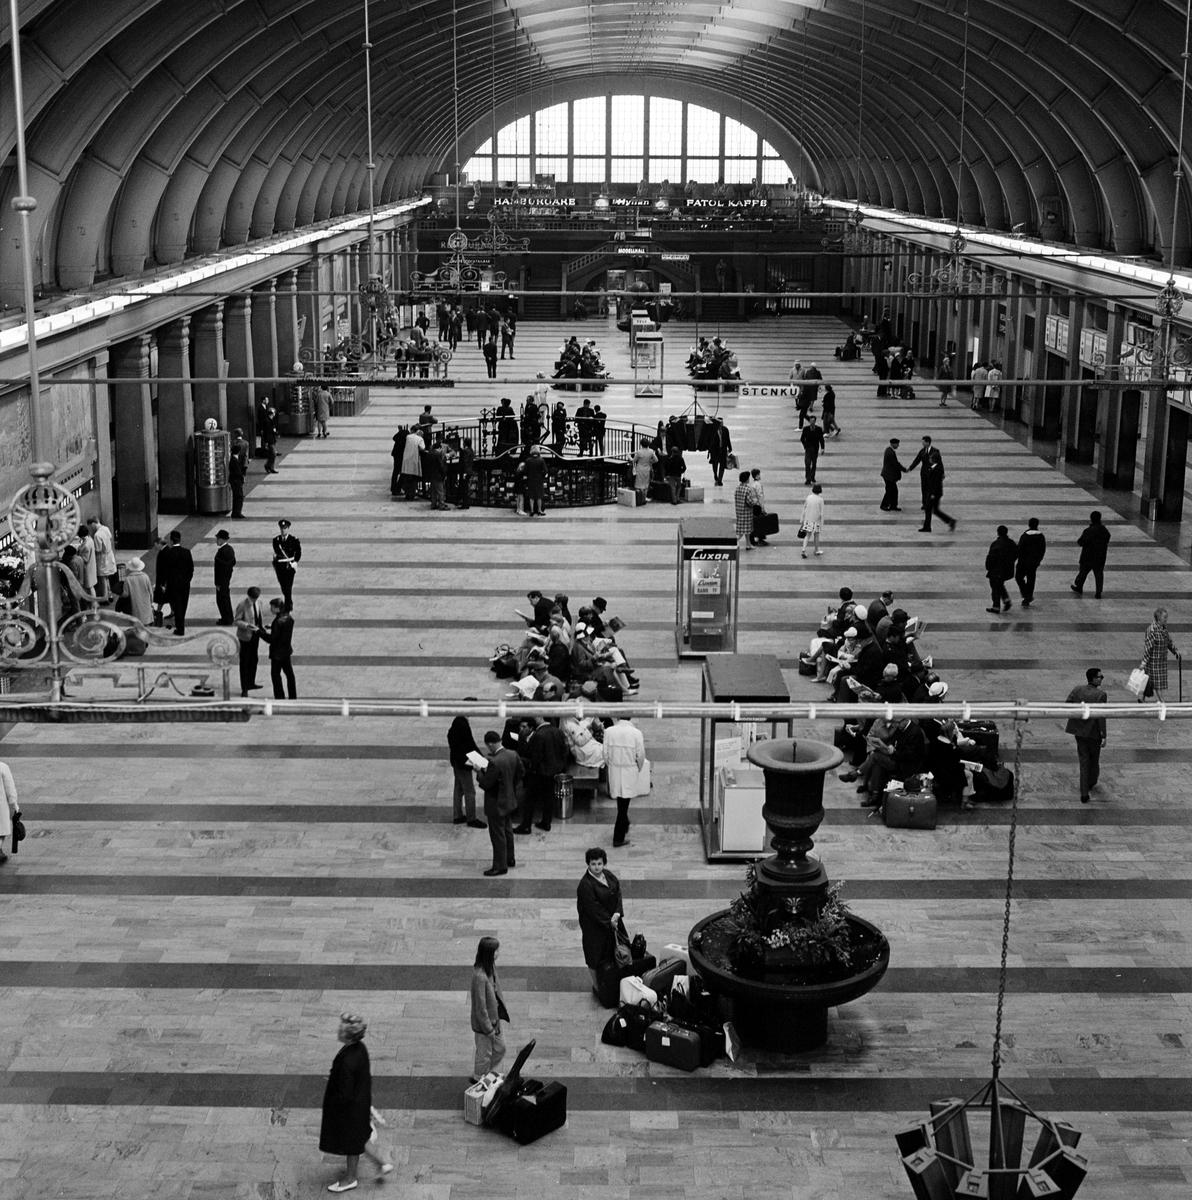 Stora hallen, Stockholm Central. Fotot taget mot vänthallens södra del, och resturangen.